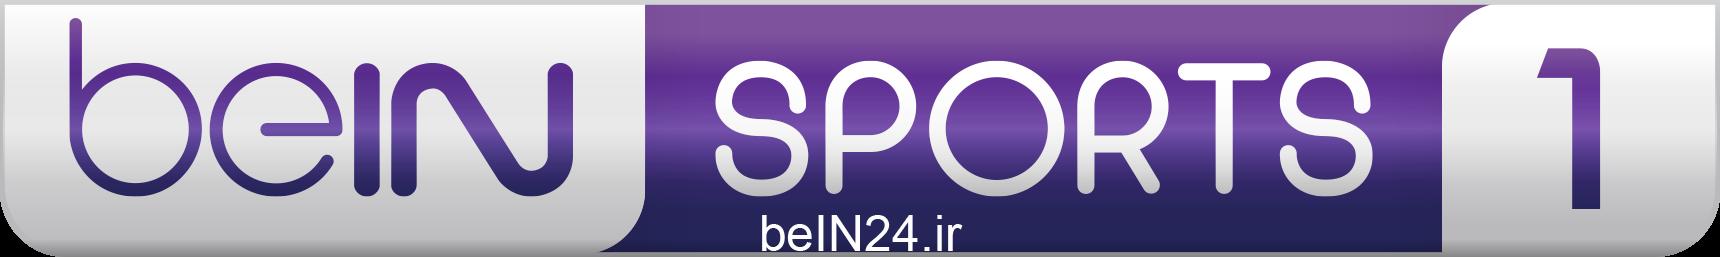 شبکه بین اسپرت ۱